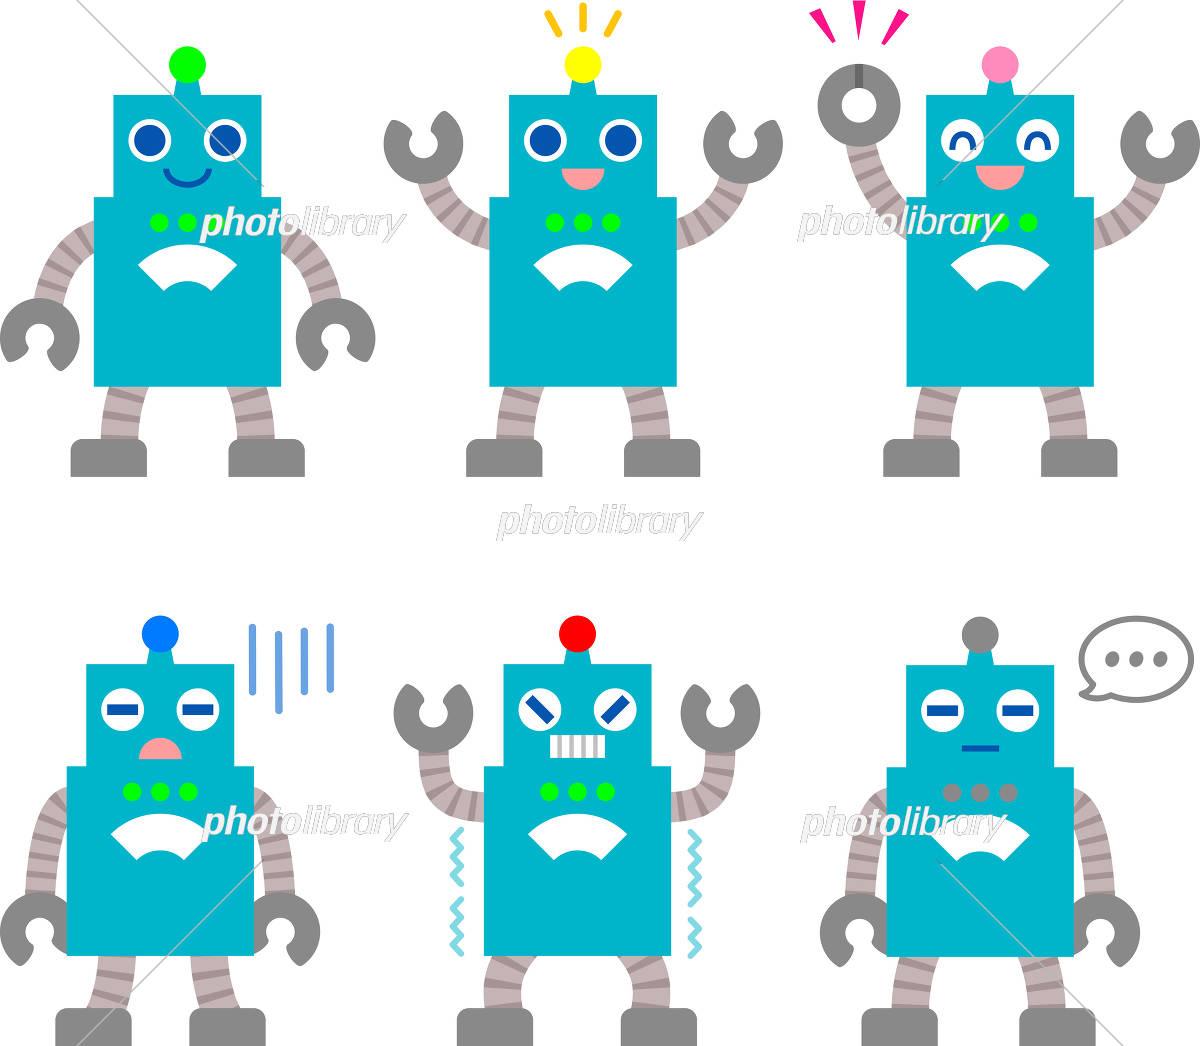 ロボットイラスト イラスト素材 2580840 フォトライブラリー